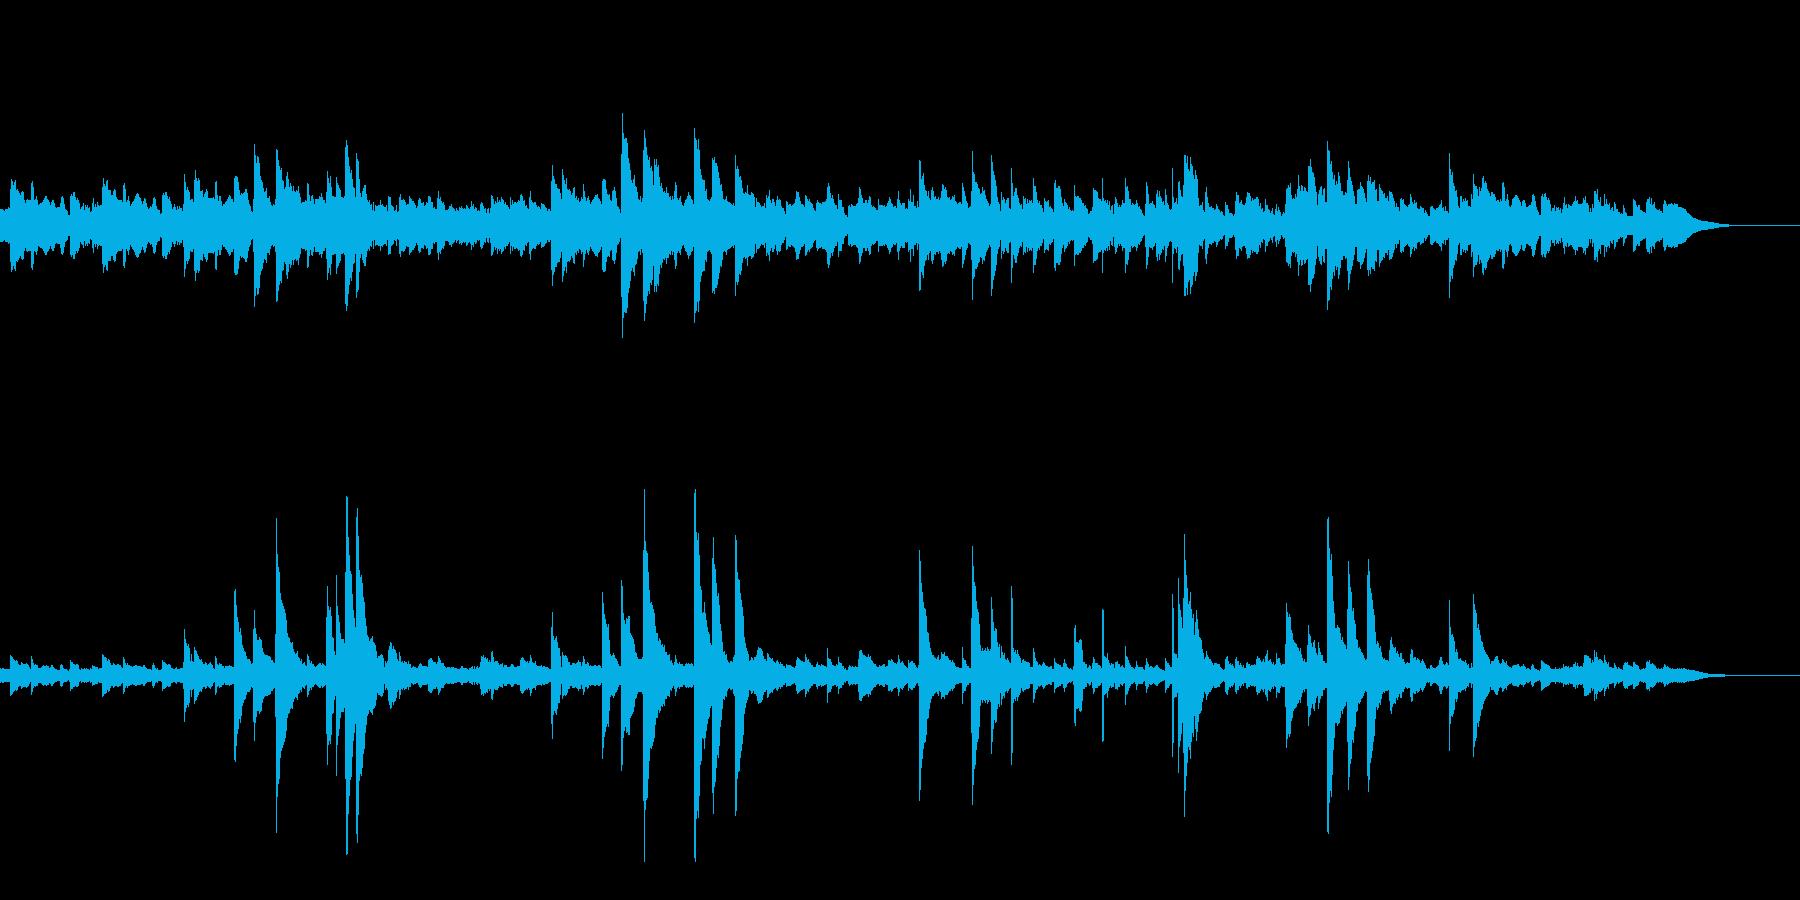 ゆらめくハープの音色・なぐさめのメロディの再生済みの波形